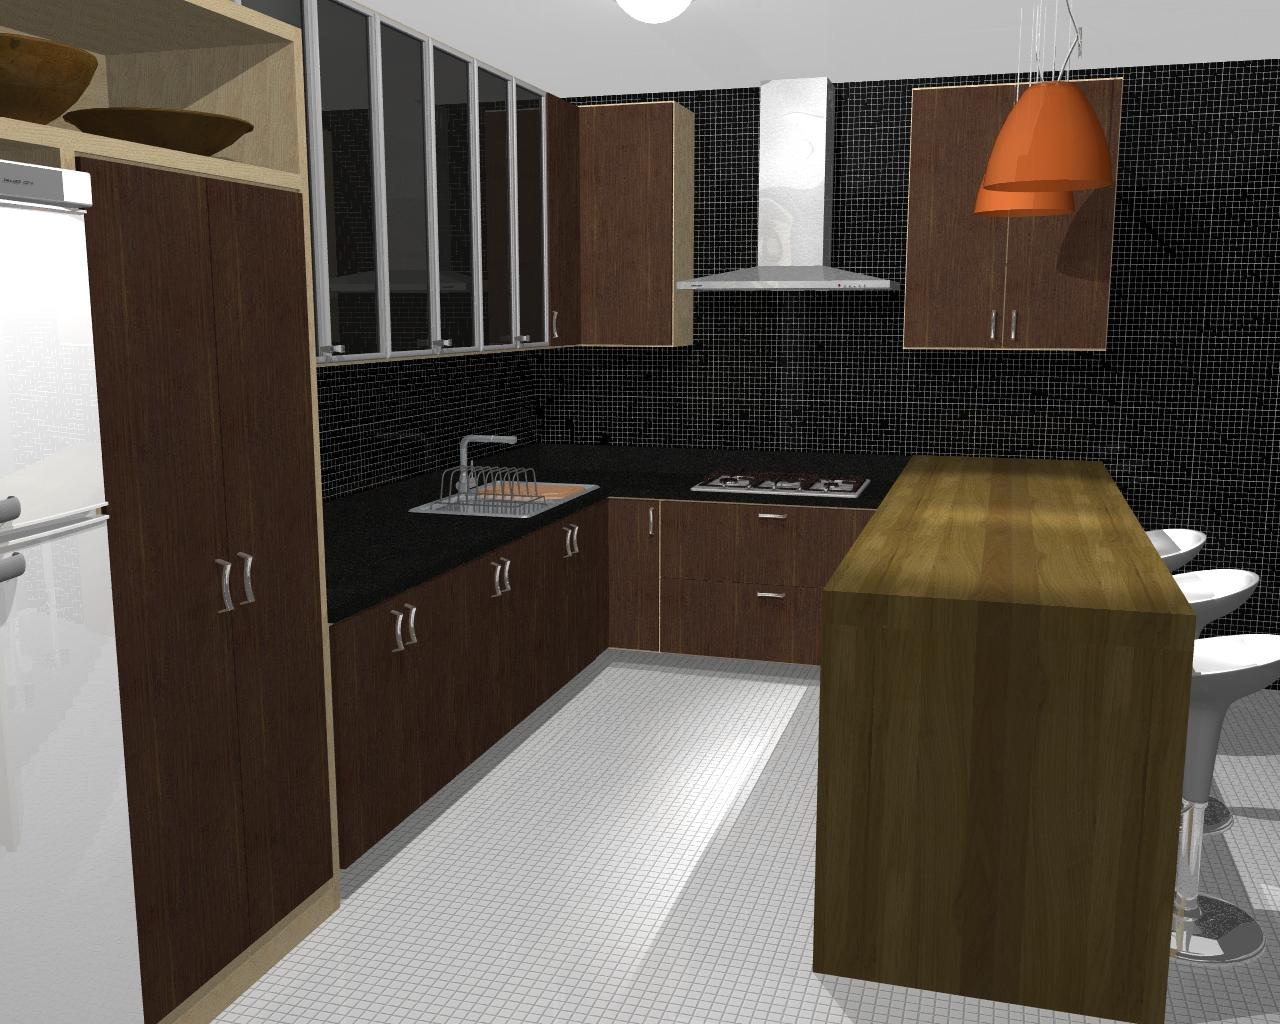 Móveis Mobille: Projetos 3D #A85123 1280 1024